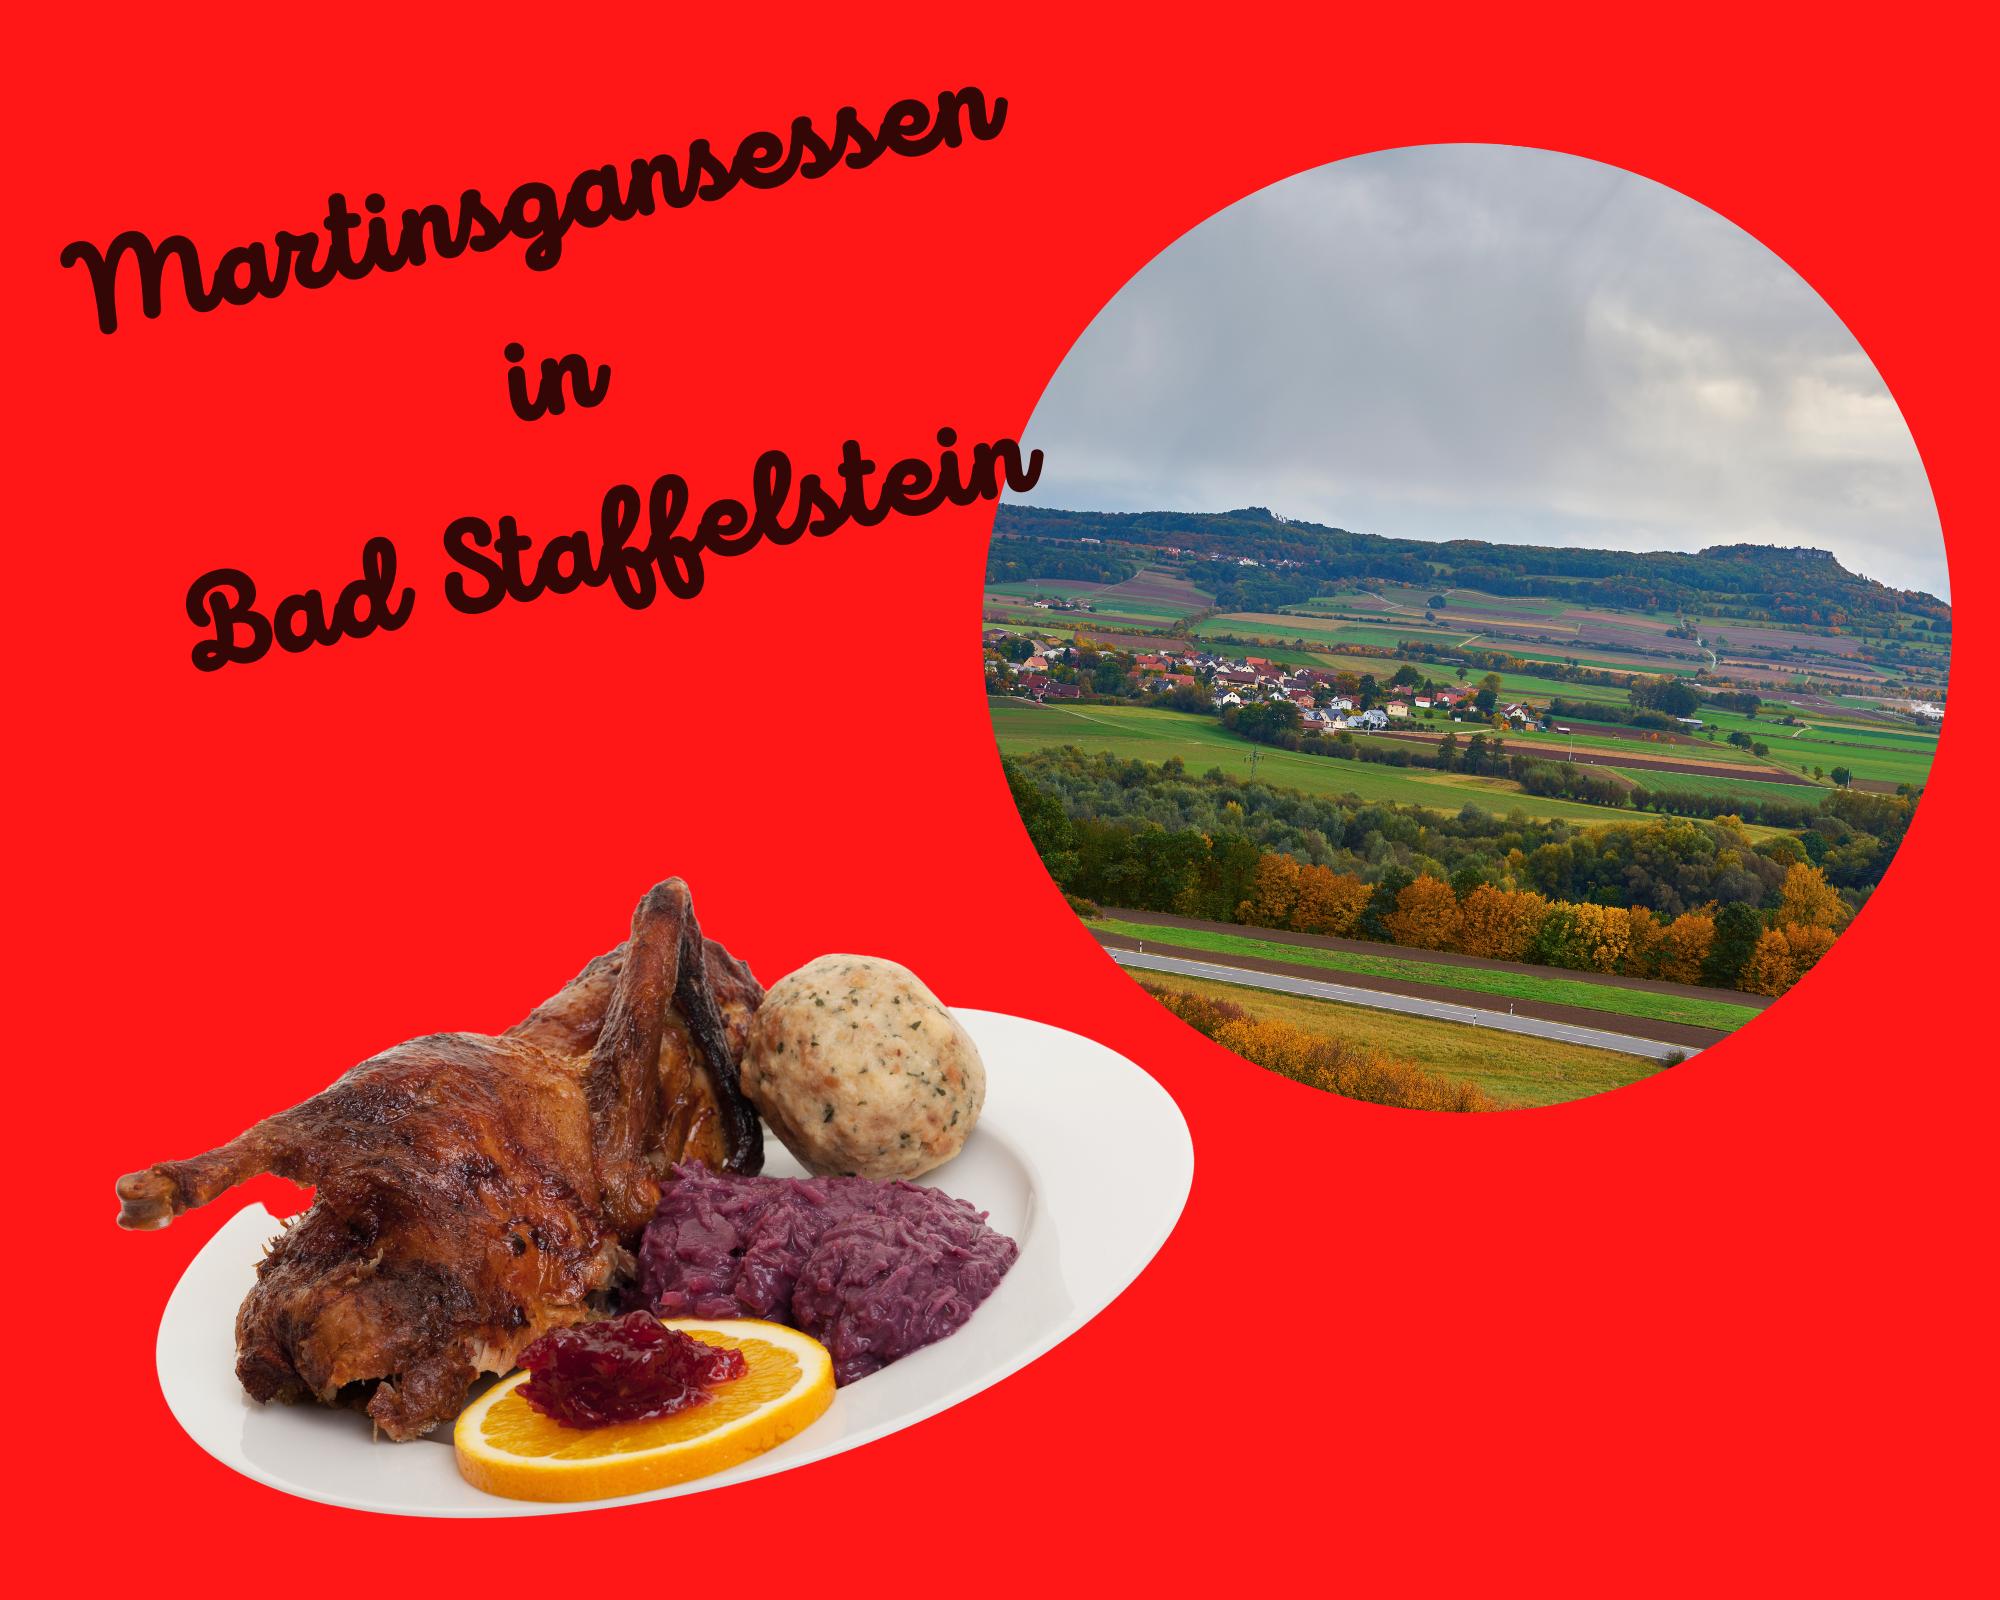 """Martinsgansessen im """"Gottesgarten am Obermain"""" Bad Staffelstein & Staffelberg am 11.11.2021"""